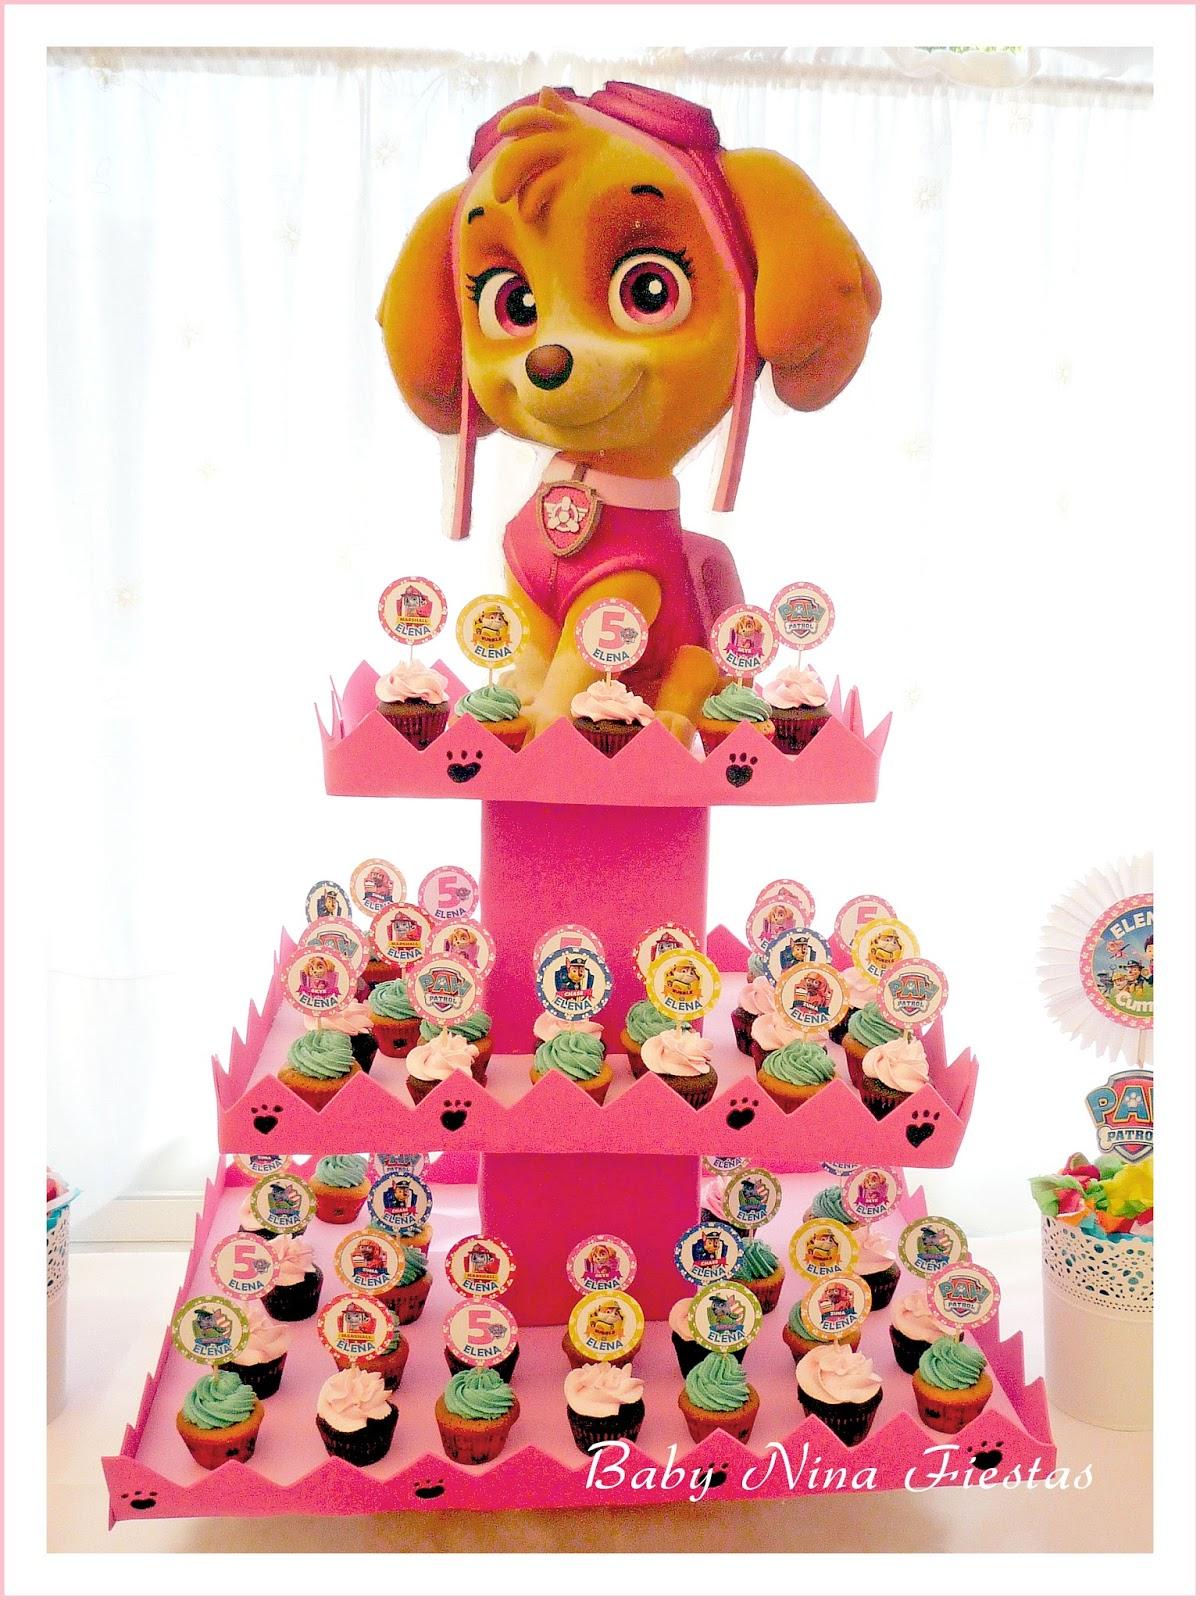 Baby nina fiestas fiesta tem tica patrulla canina para elena - Decoracion de la patrulla canina ...